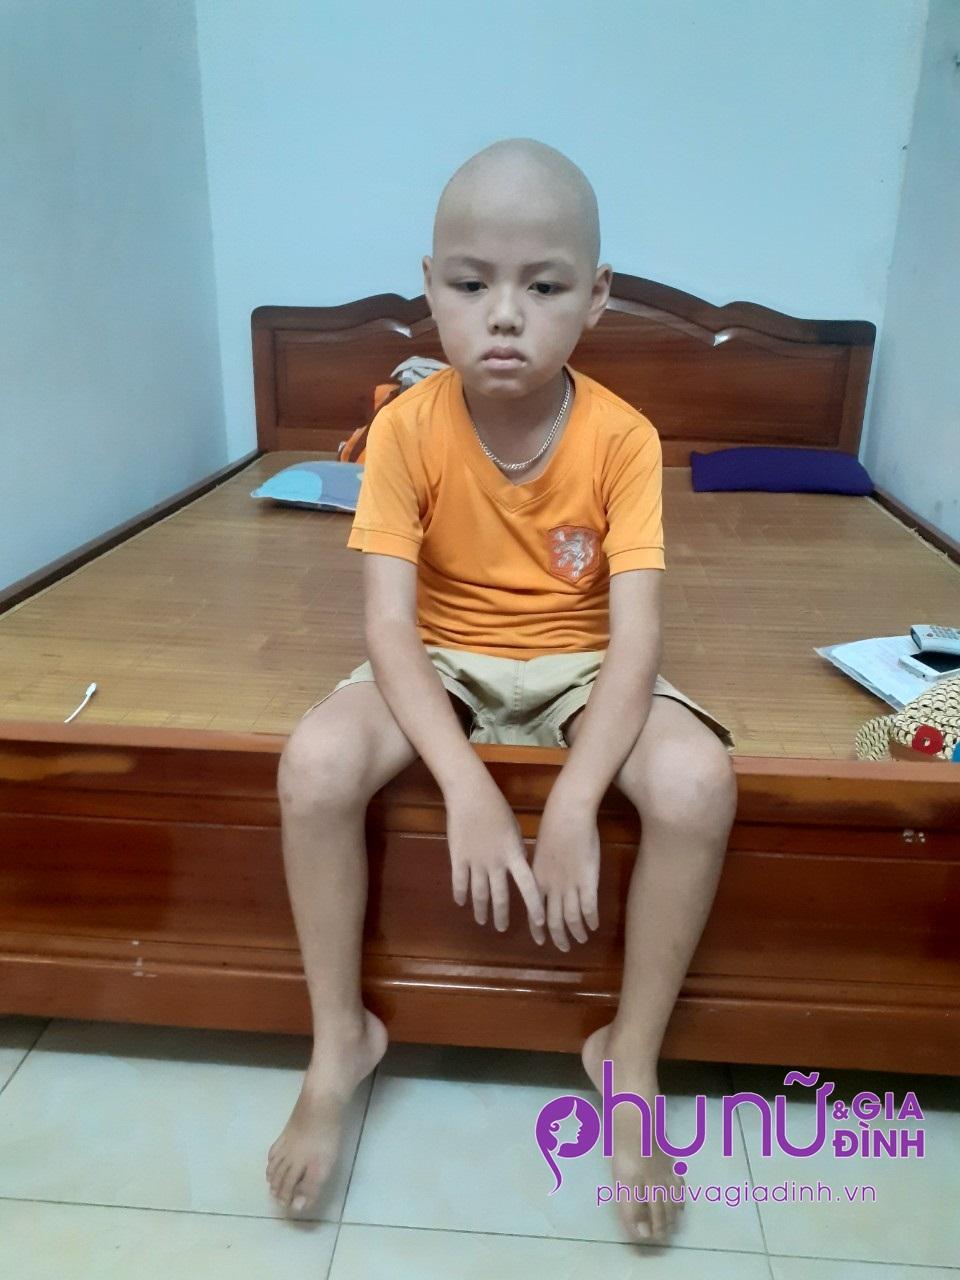 43 triệu đồng đến với bé trai 9 tuổi suốt 7 năm mắc bệnh hiểm nghèo không tiền chữa trị - Ảnh 1